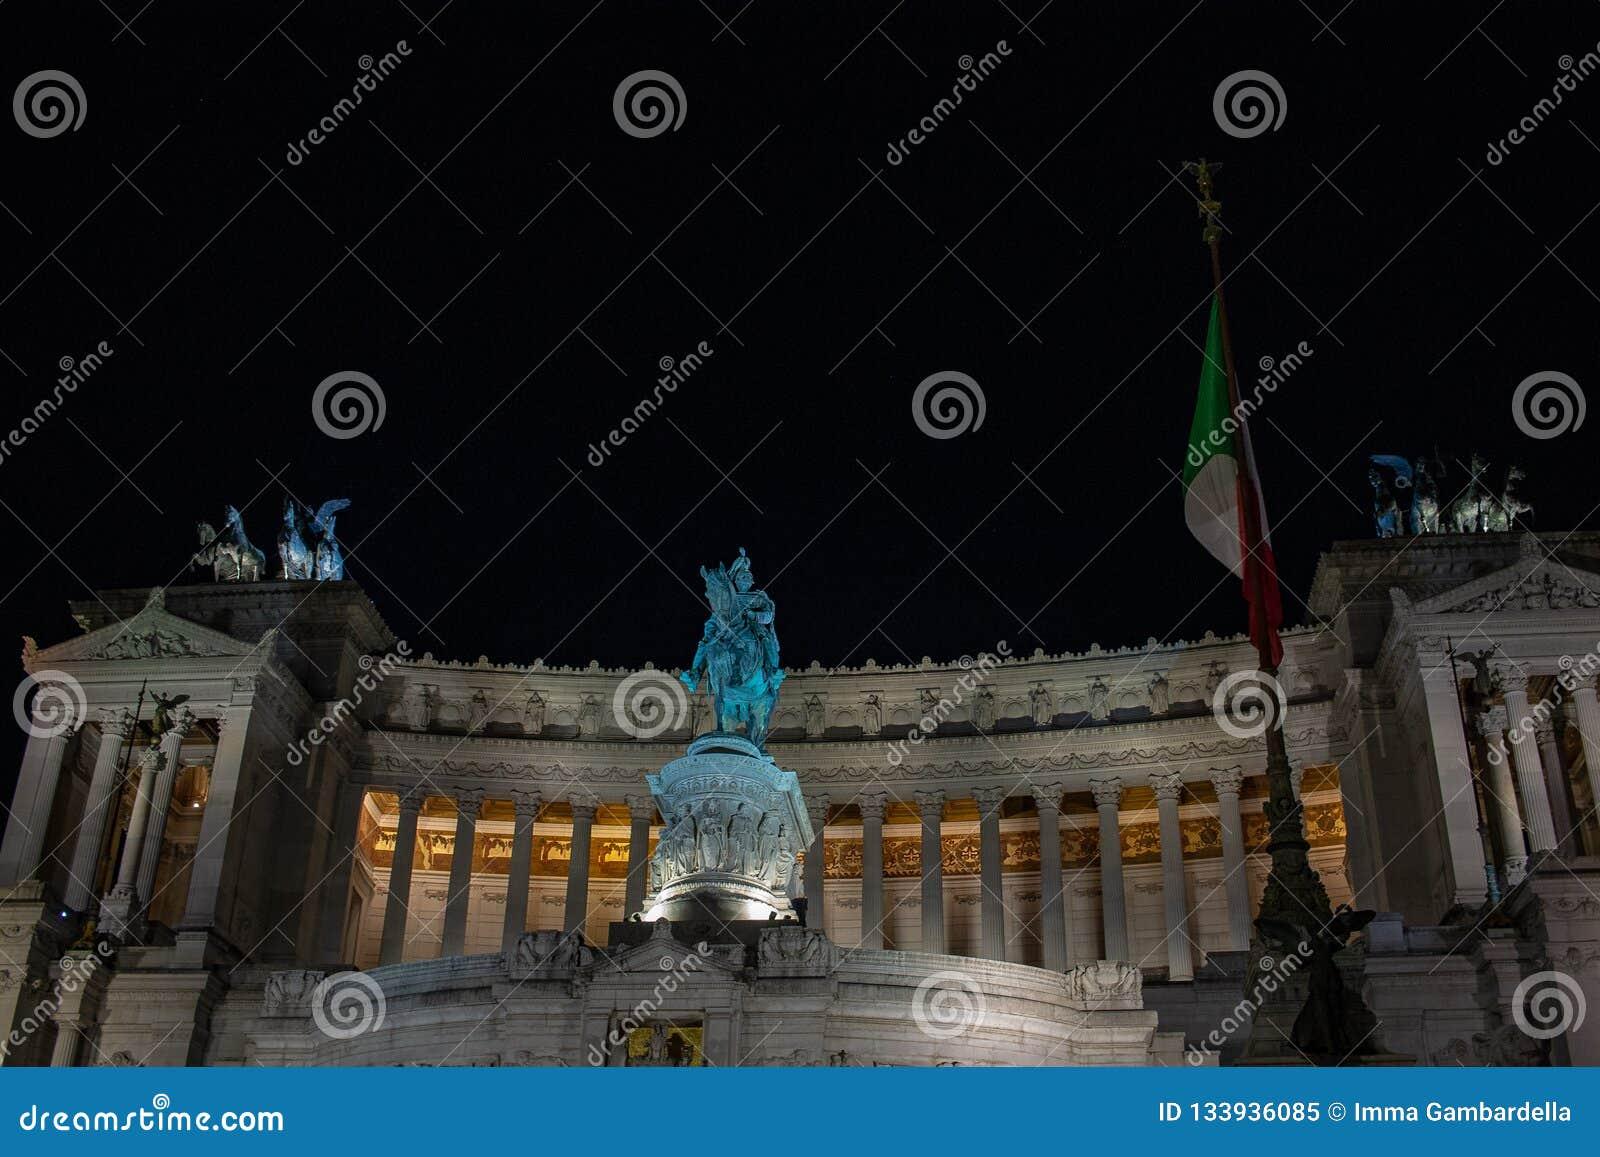 Verlichting van de boom van Rome, in Piazza Venezia De lichten en de rode en gele ballen verfraaien de boom